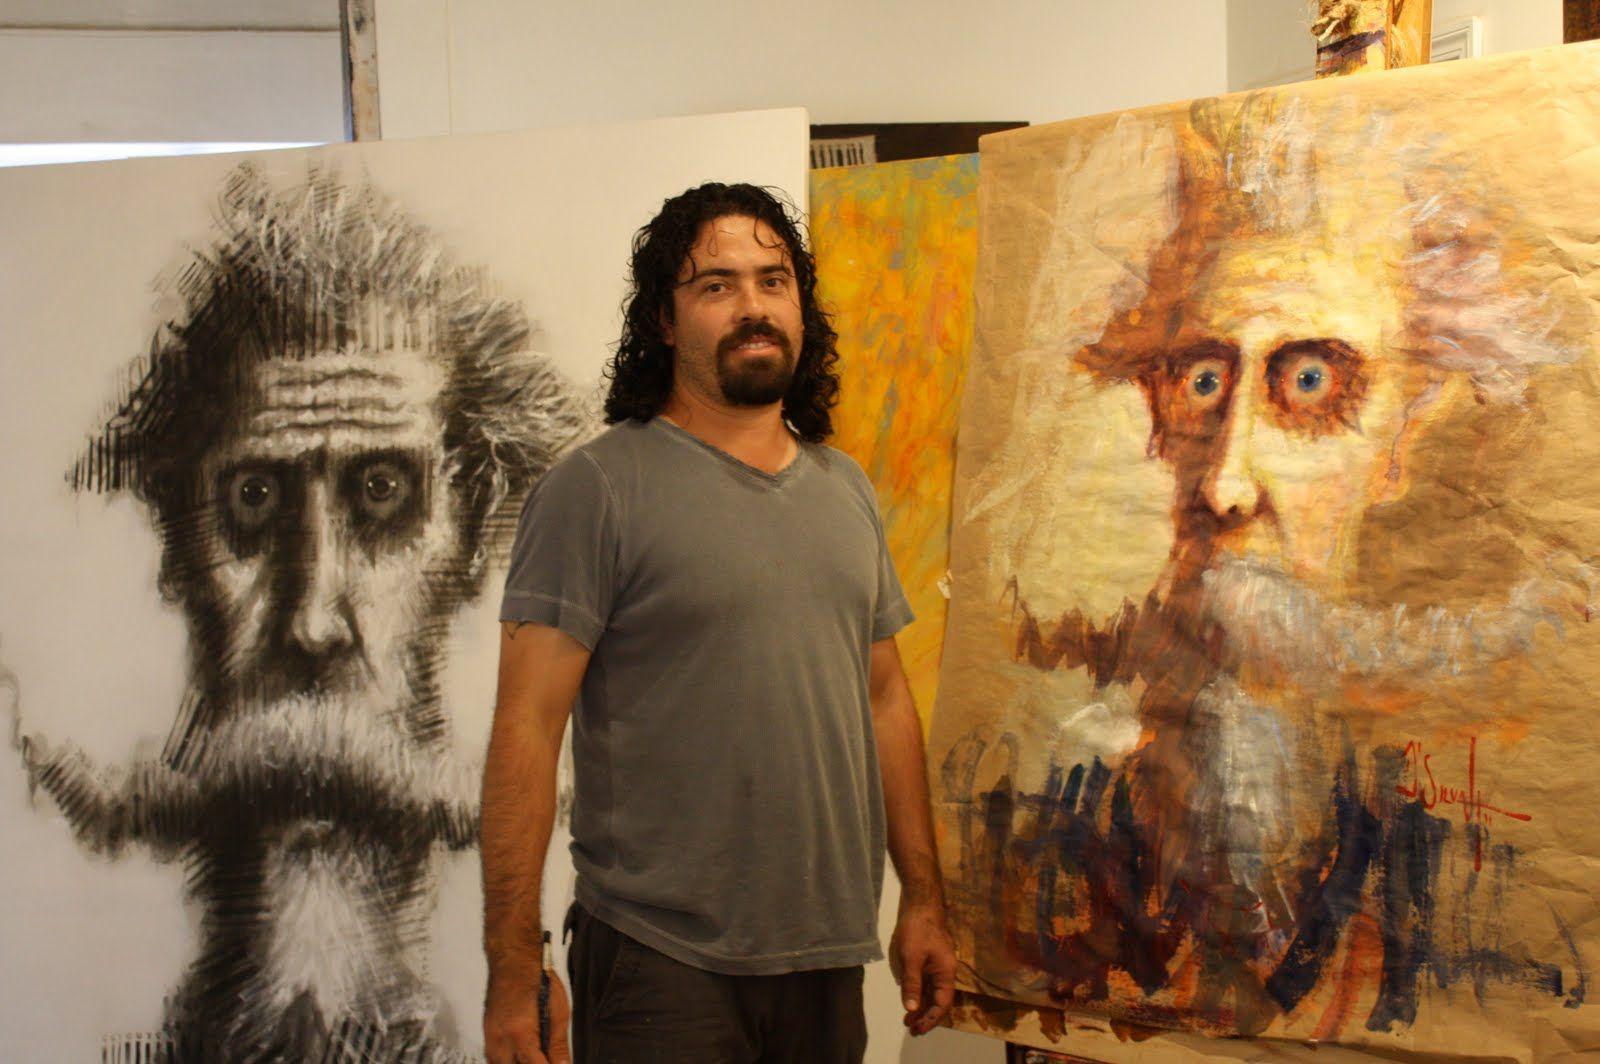 david silvah | el artista plastico david silvah presentara la serie de pinturas ...